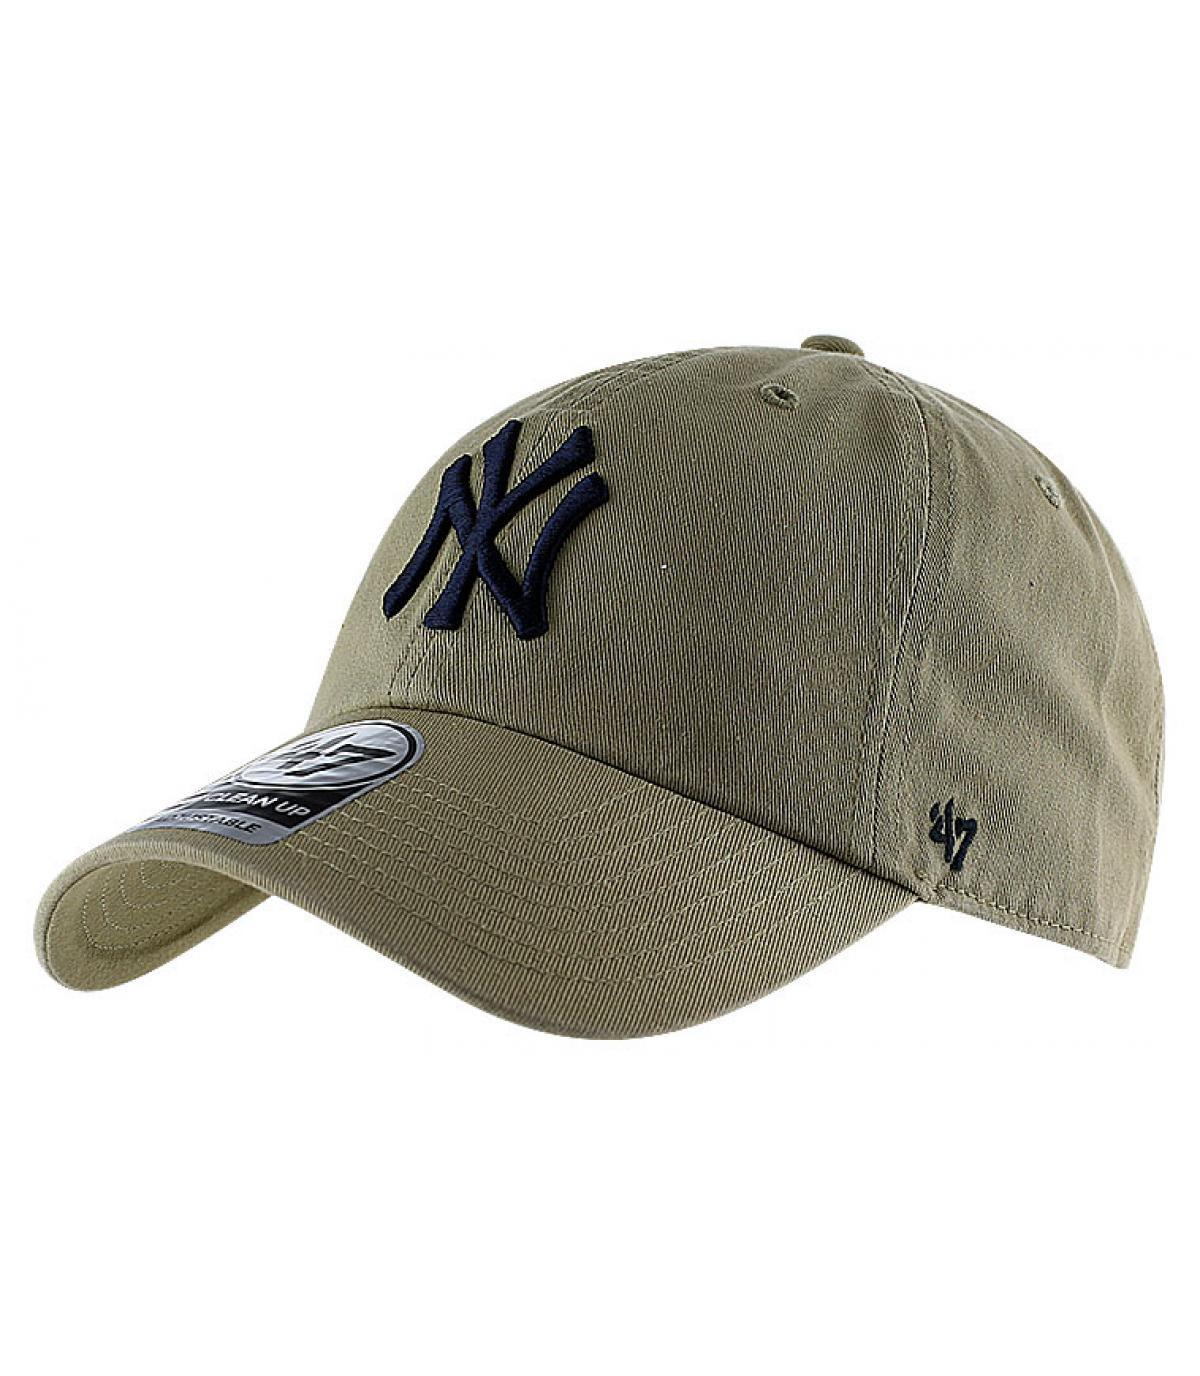 Cappellino visiera curva NY beige